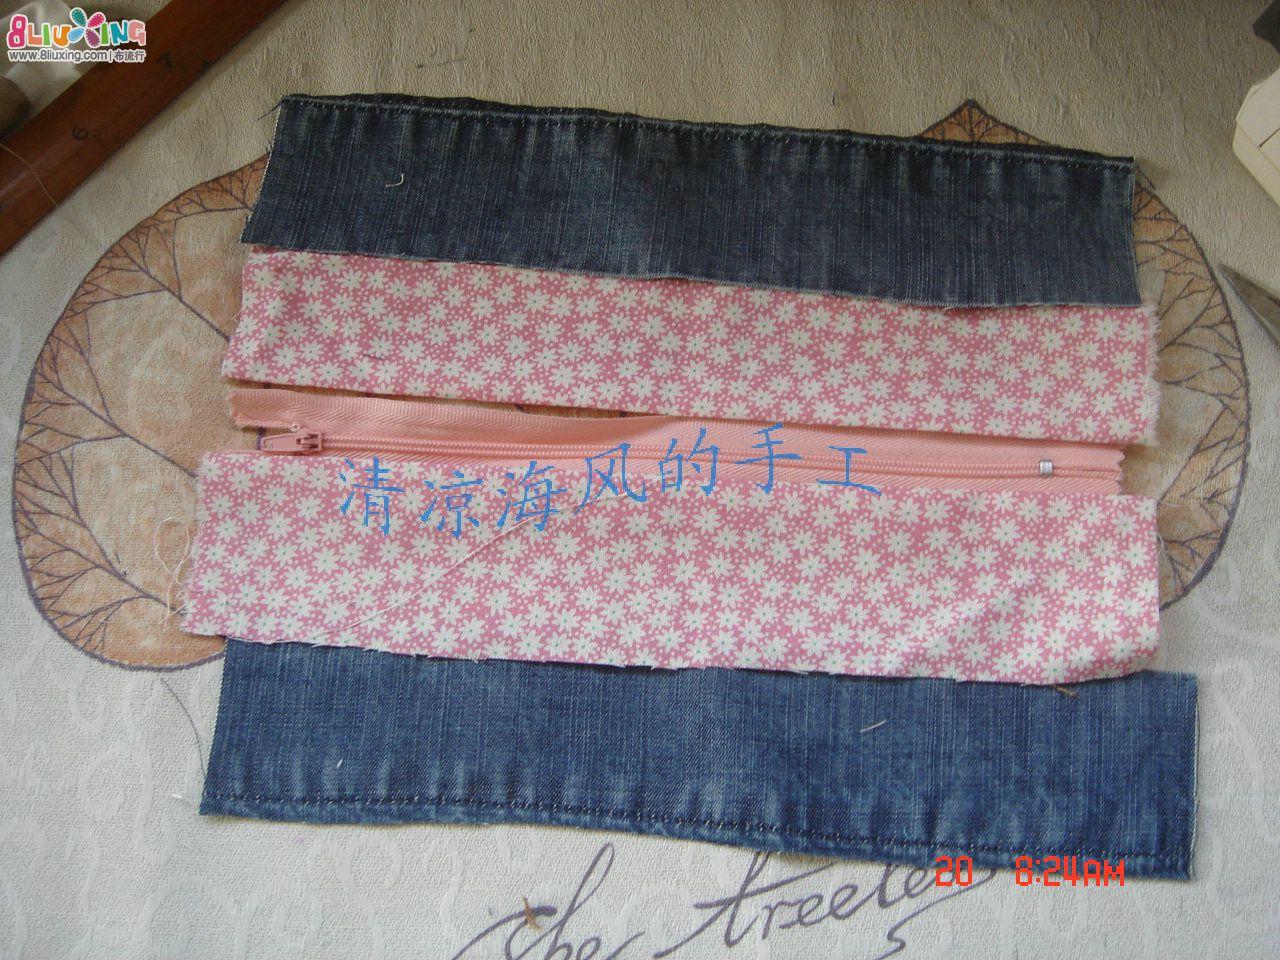 ... 裤废物利用做笔袋内容 牛仔裤废物利用做笔袋图片